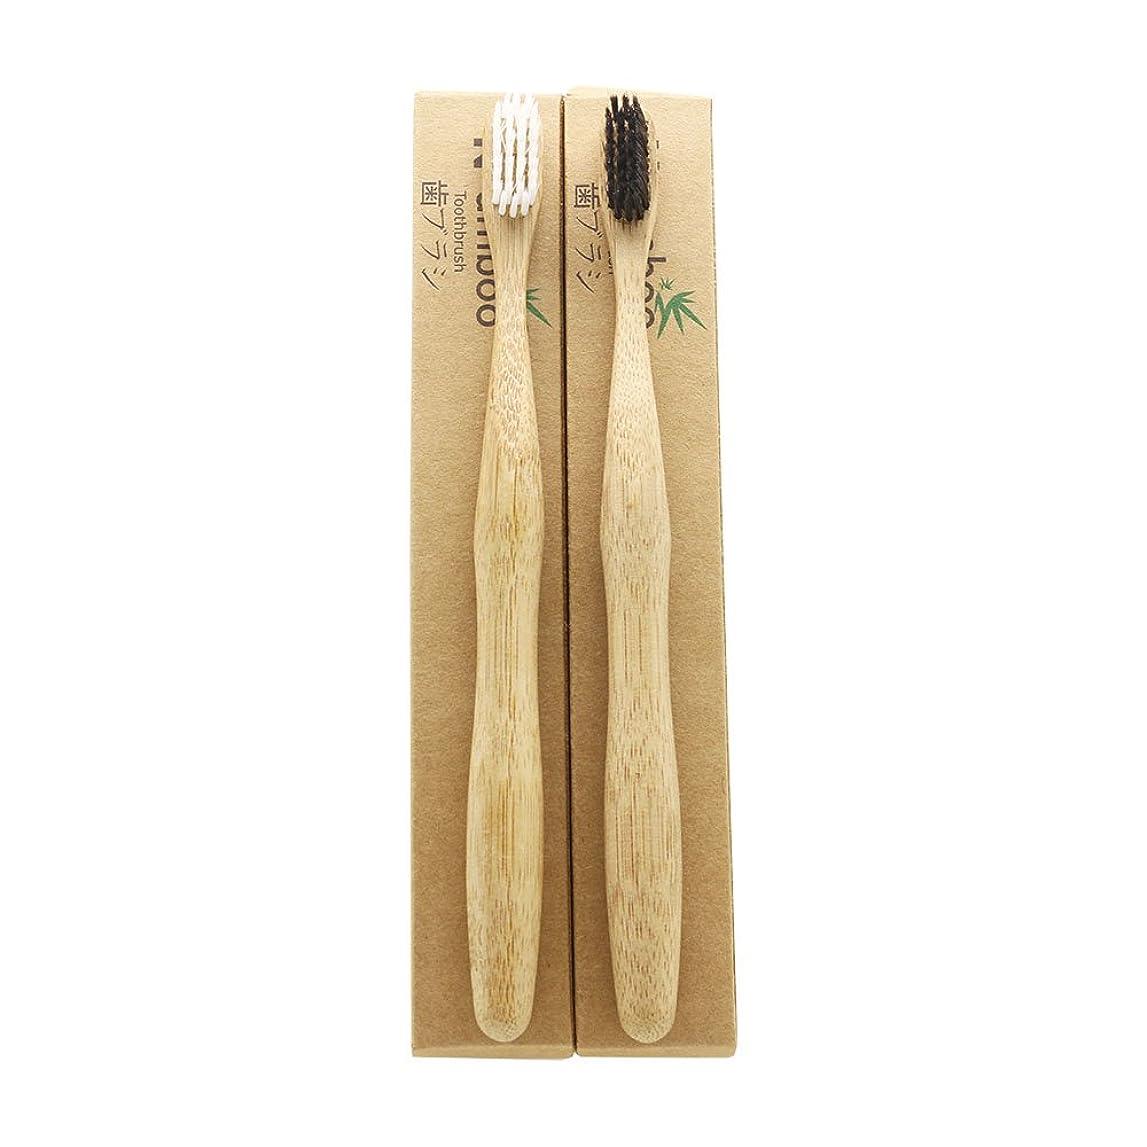 入札雪の仕様N-amboo 竹製 歯ブラシ 高耐久性 白と黒 セット エコ (2本)